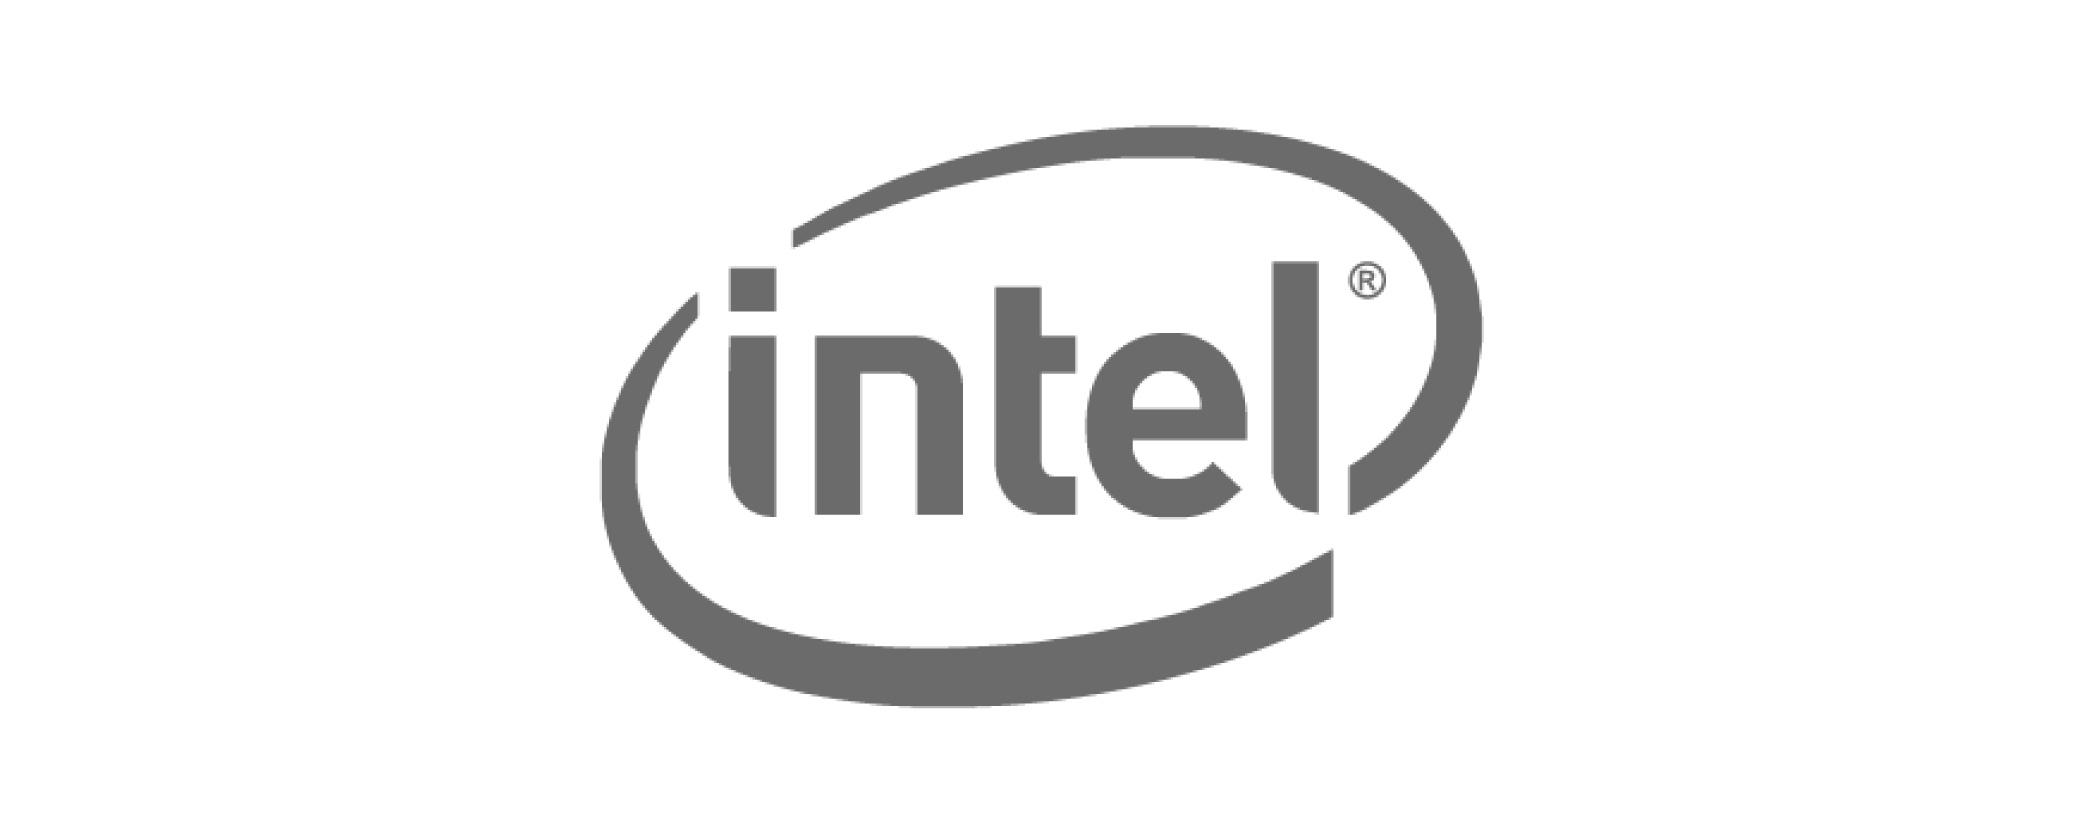 Intel Grey 500 x 200-01.jpg